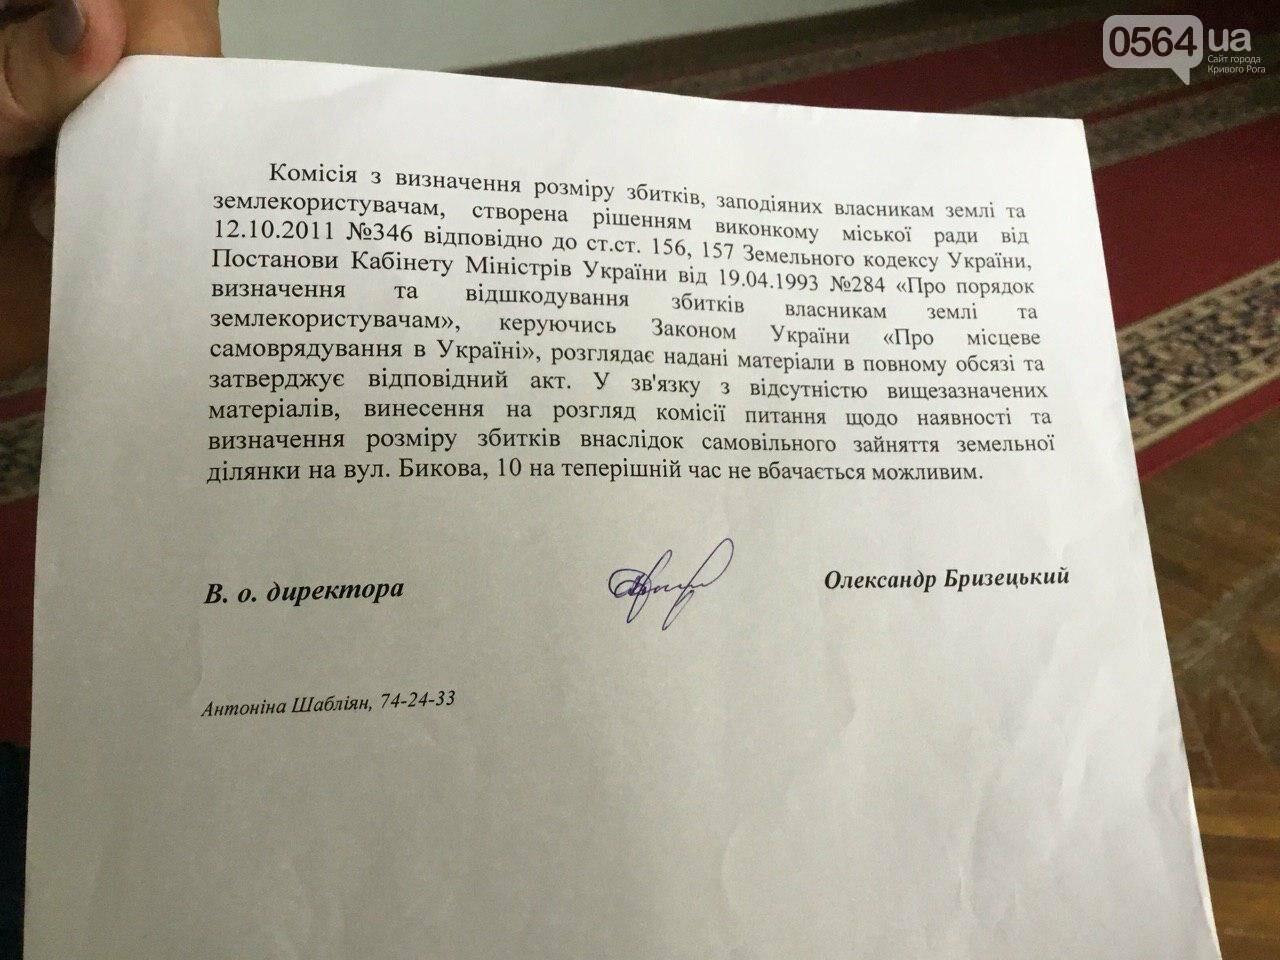 Депутат: в центре Кривого Рога 15 лет незаконно используют участок земли, - ФОТО, ВИДЕО, фото-2